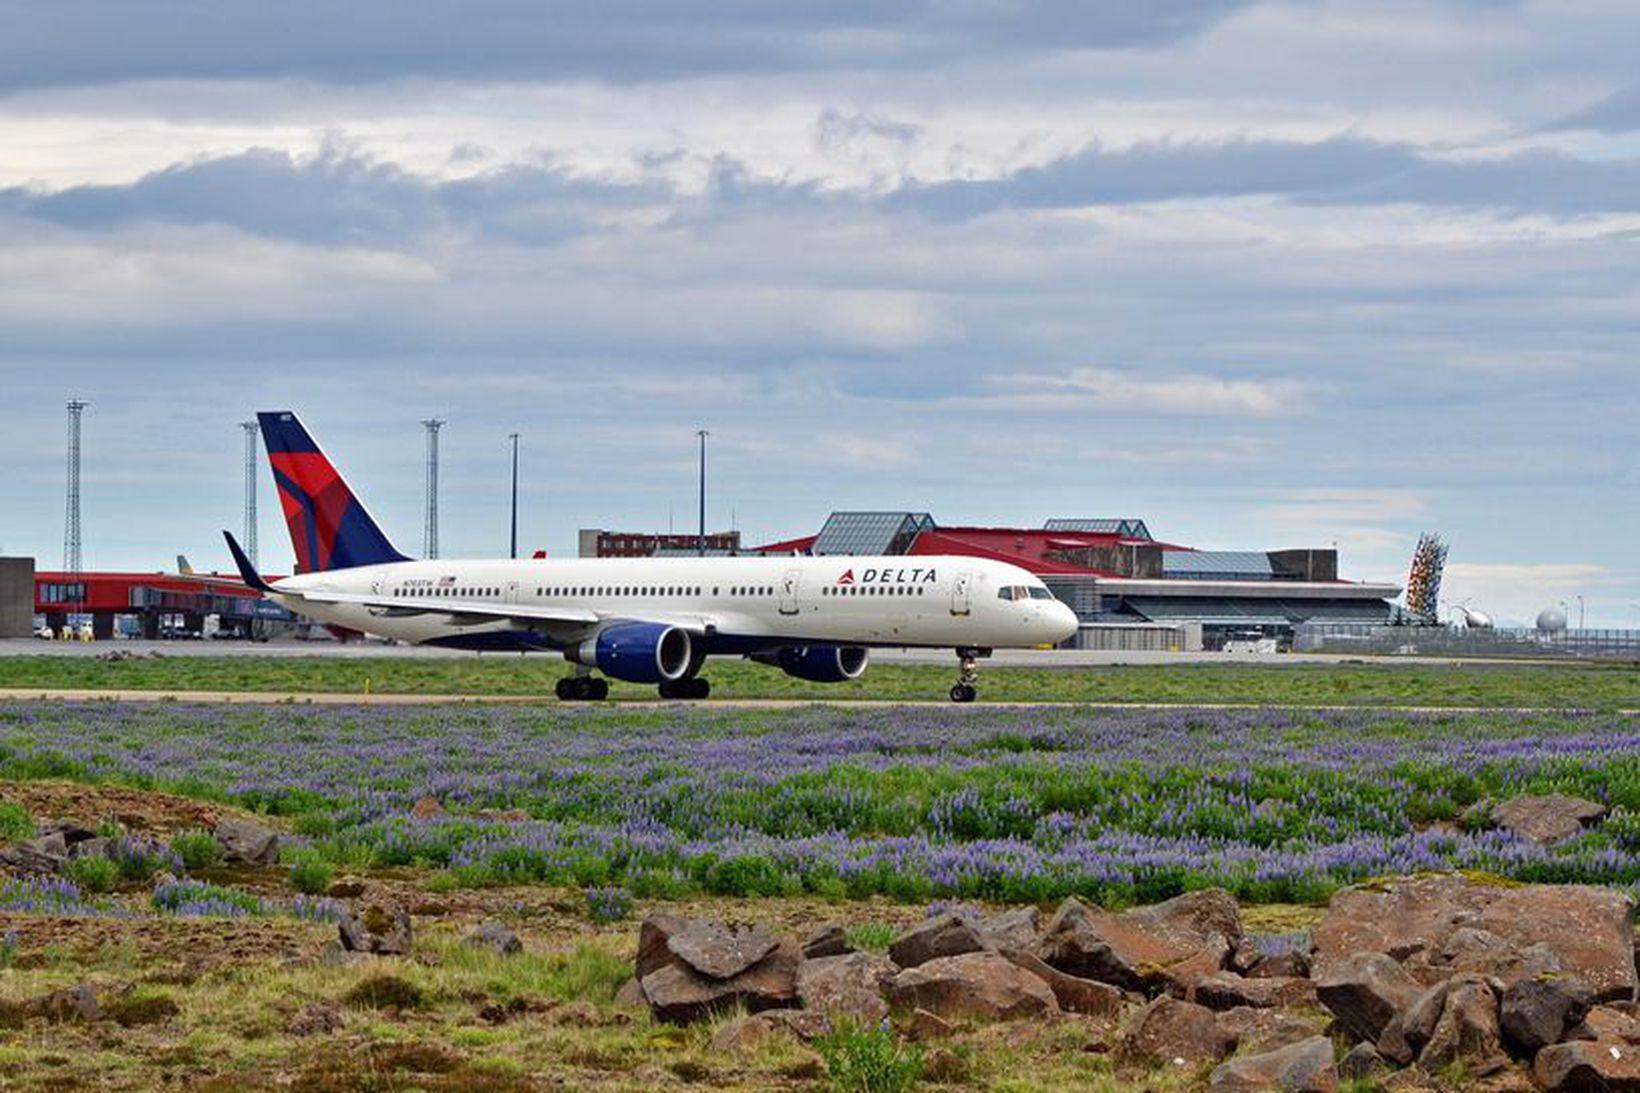 Farþegaþota Delta Air Lines á Keflavíkurflugvelli. Flugfélagið mun ekki lengur …